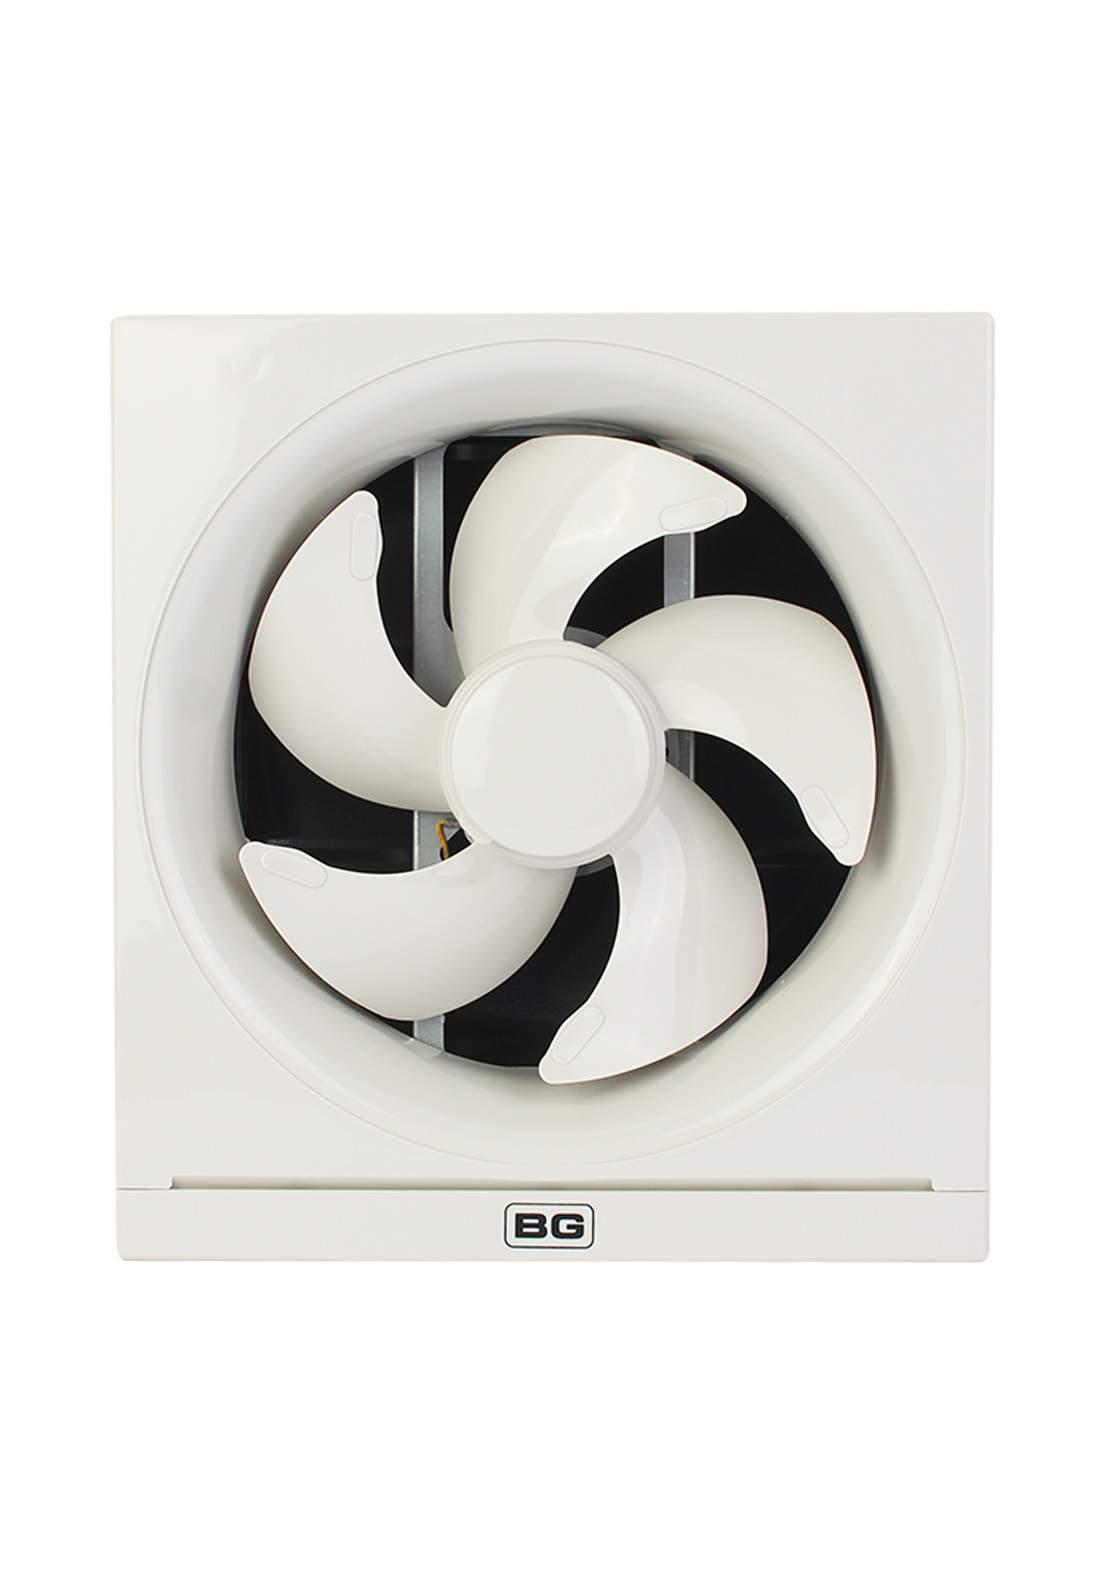 Bg Ventilating Fan 10 inch مفرغة هواء (ساحبة)